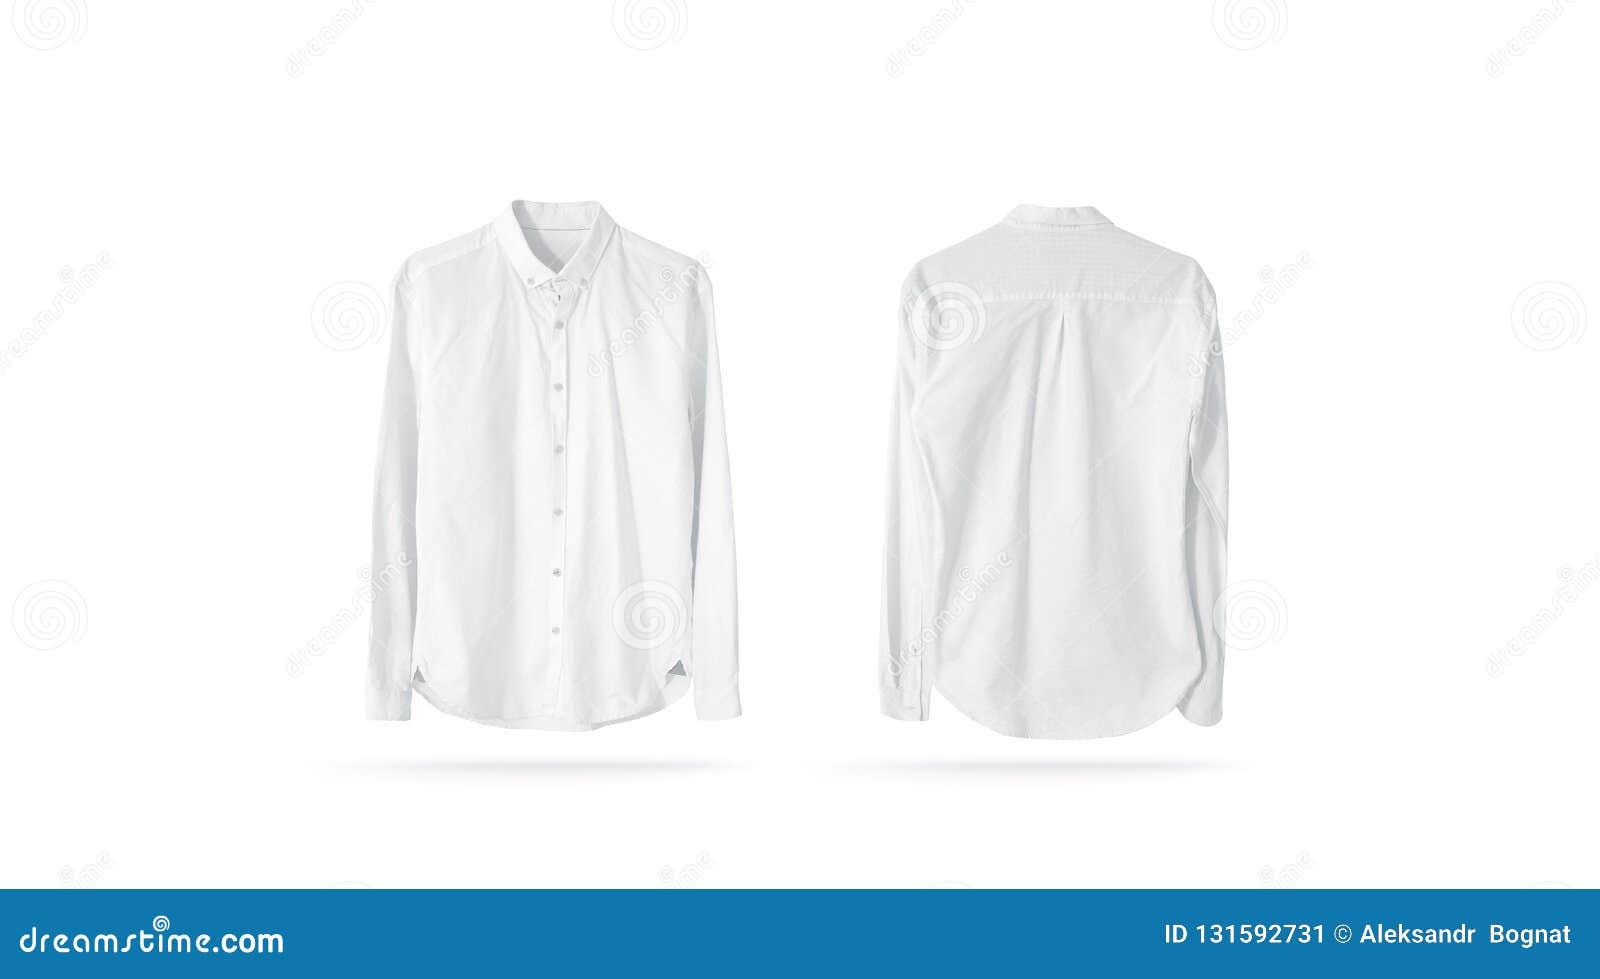 8be1ae4d89f Maqueta para hombre clásica blanca de la camisa del espacio en blanco